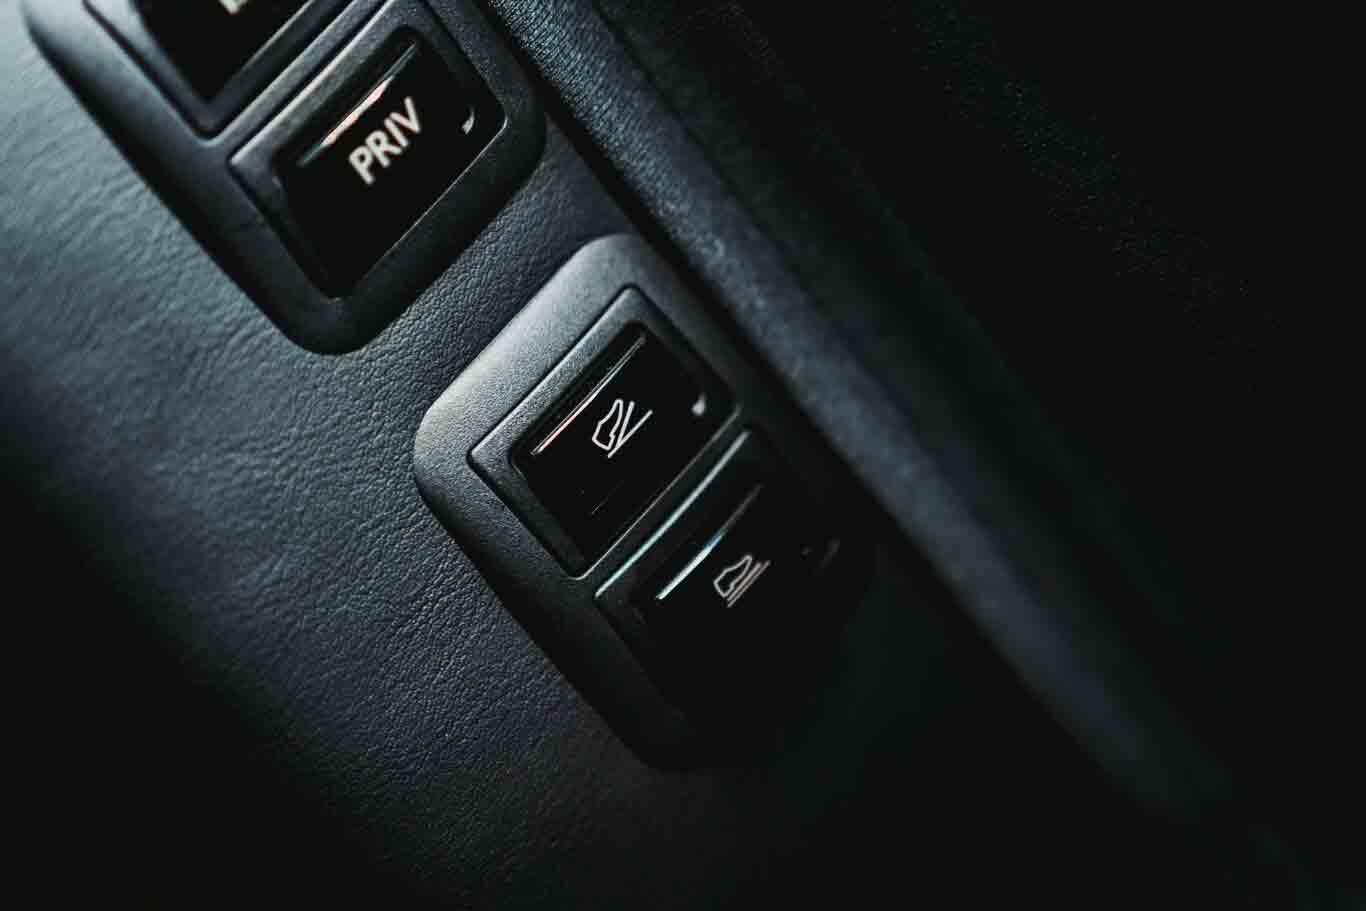 O passageiro também poderá indicar ao motorista se deseja aumentar a velocidade, ou pelo contrário diminuí-la ao toque de um botão